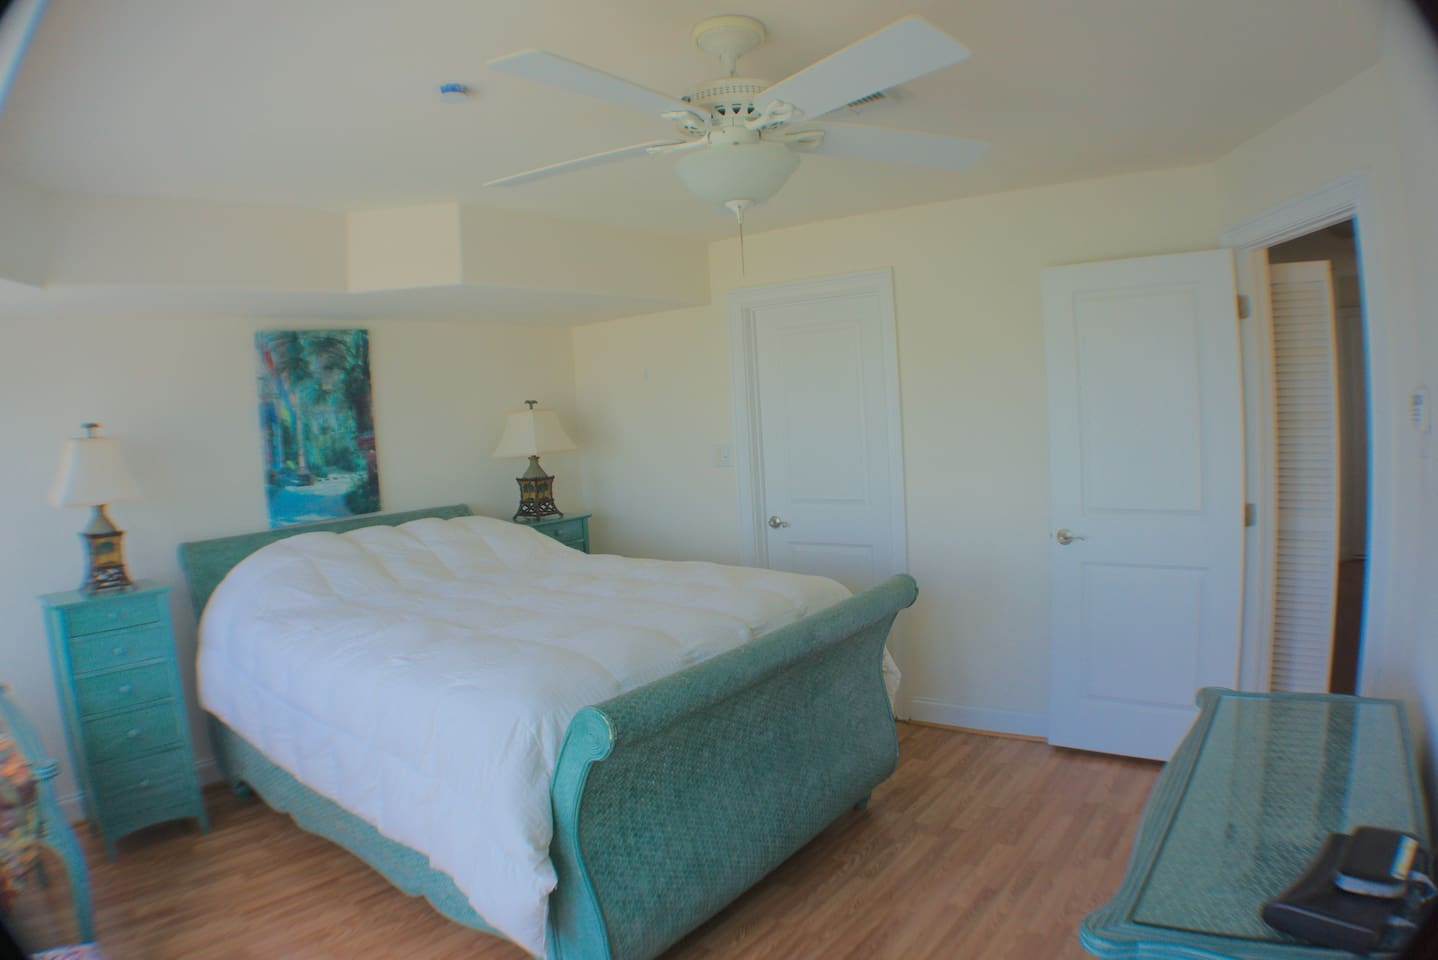 Atlantic City Luxury Waterfront 4 Bedroom Home!